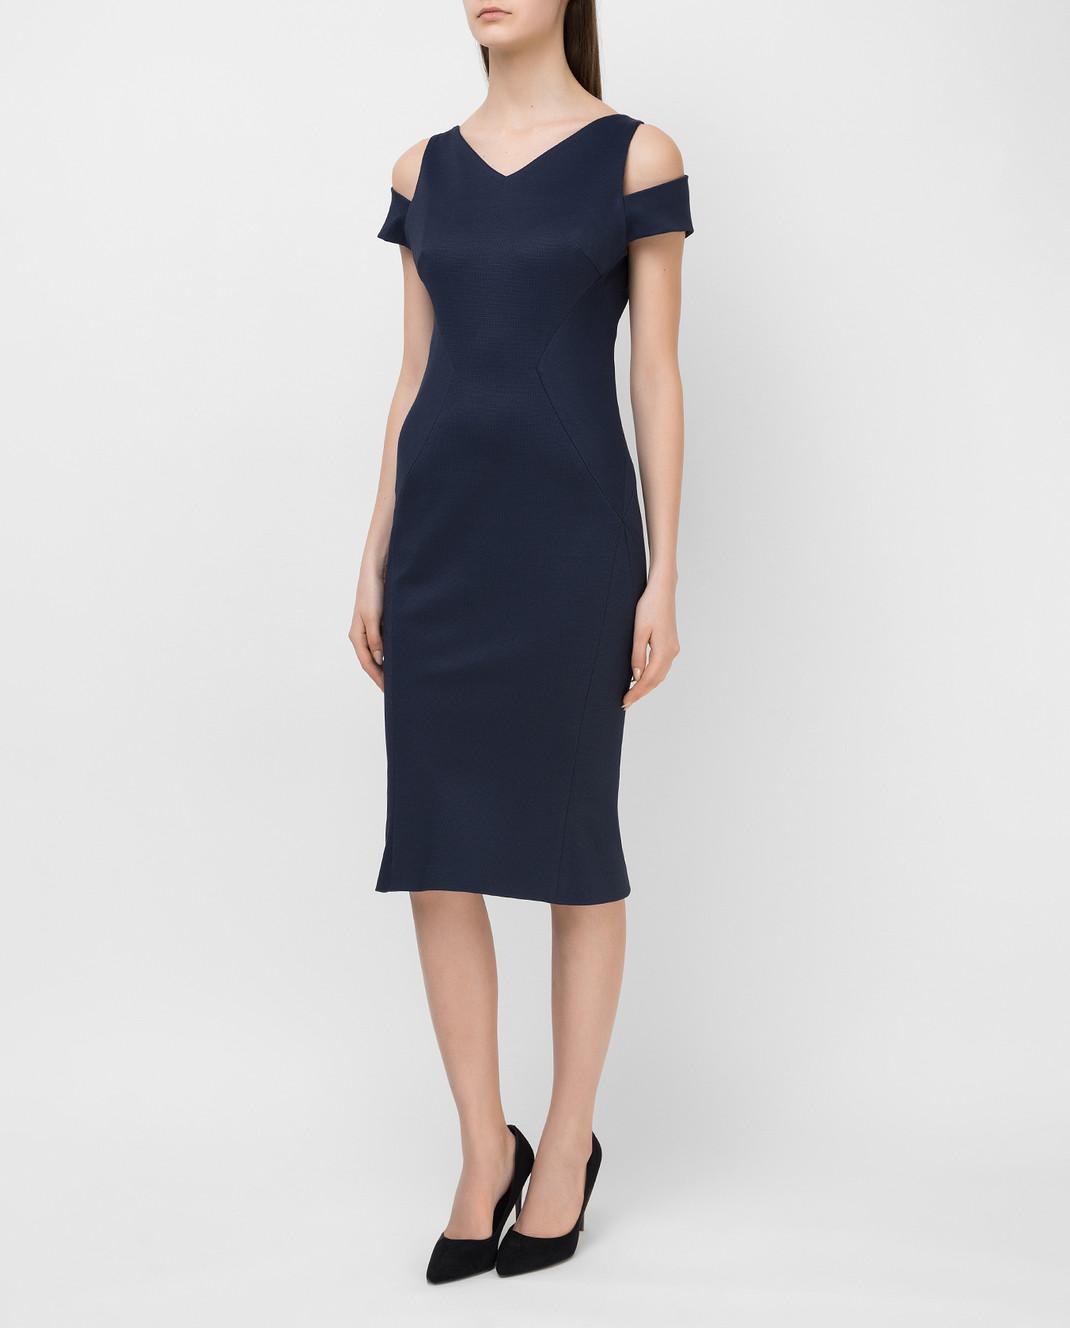 Zac Posen Темно-синее платье 40548253 изображение 3